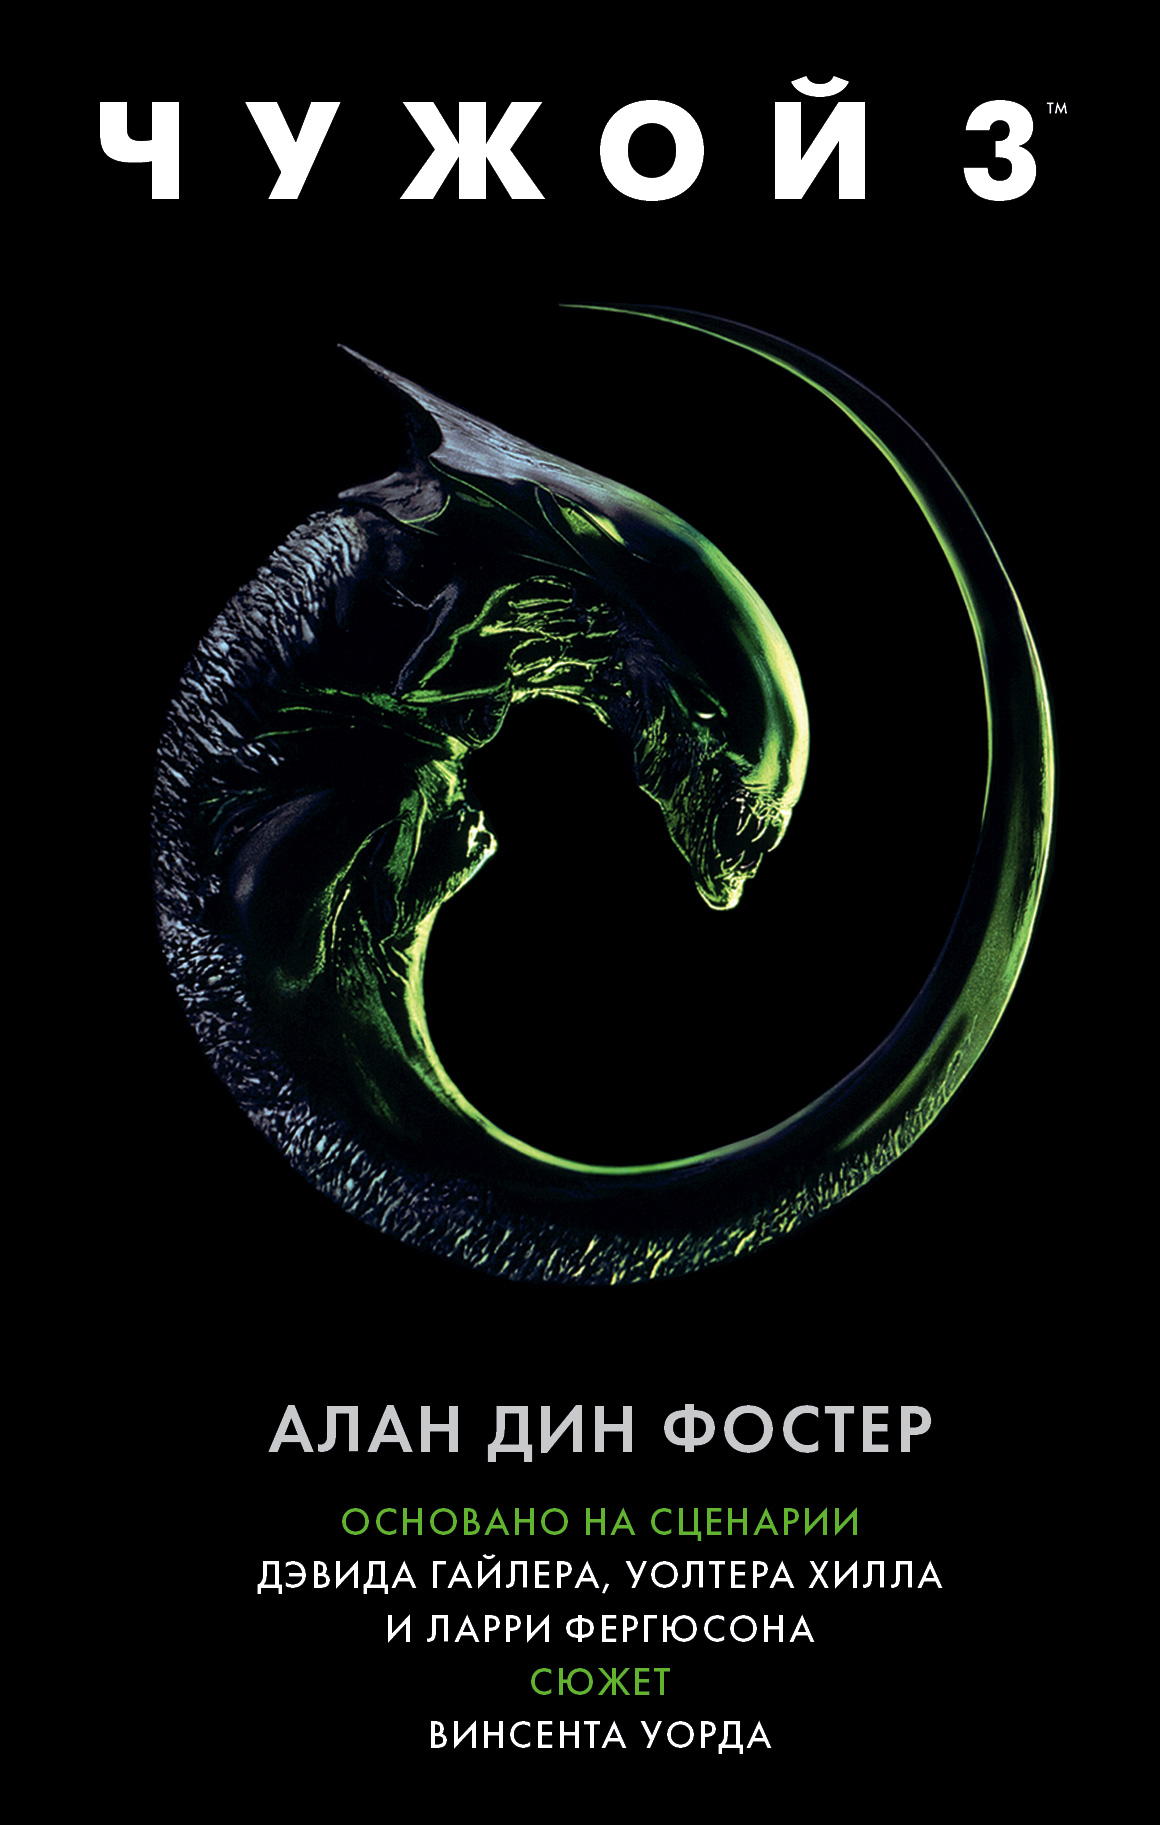 «Чужой 3: Официальная новеллизация» Алан Дин Фостер